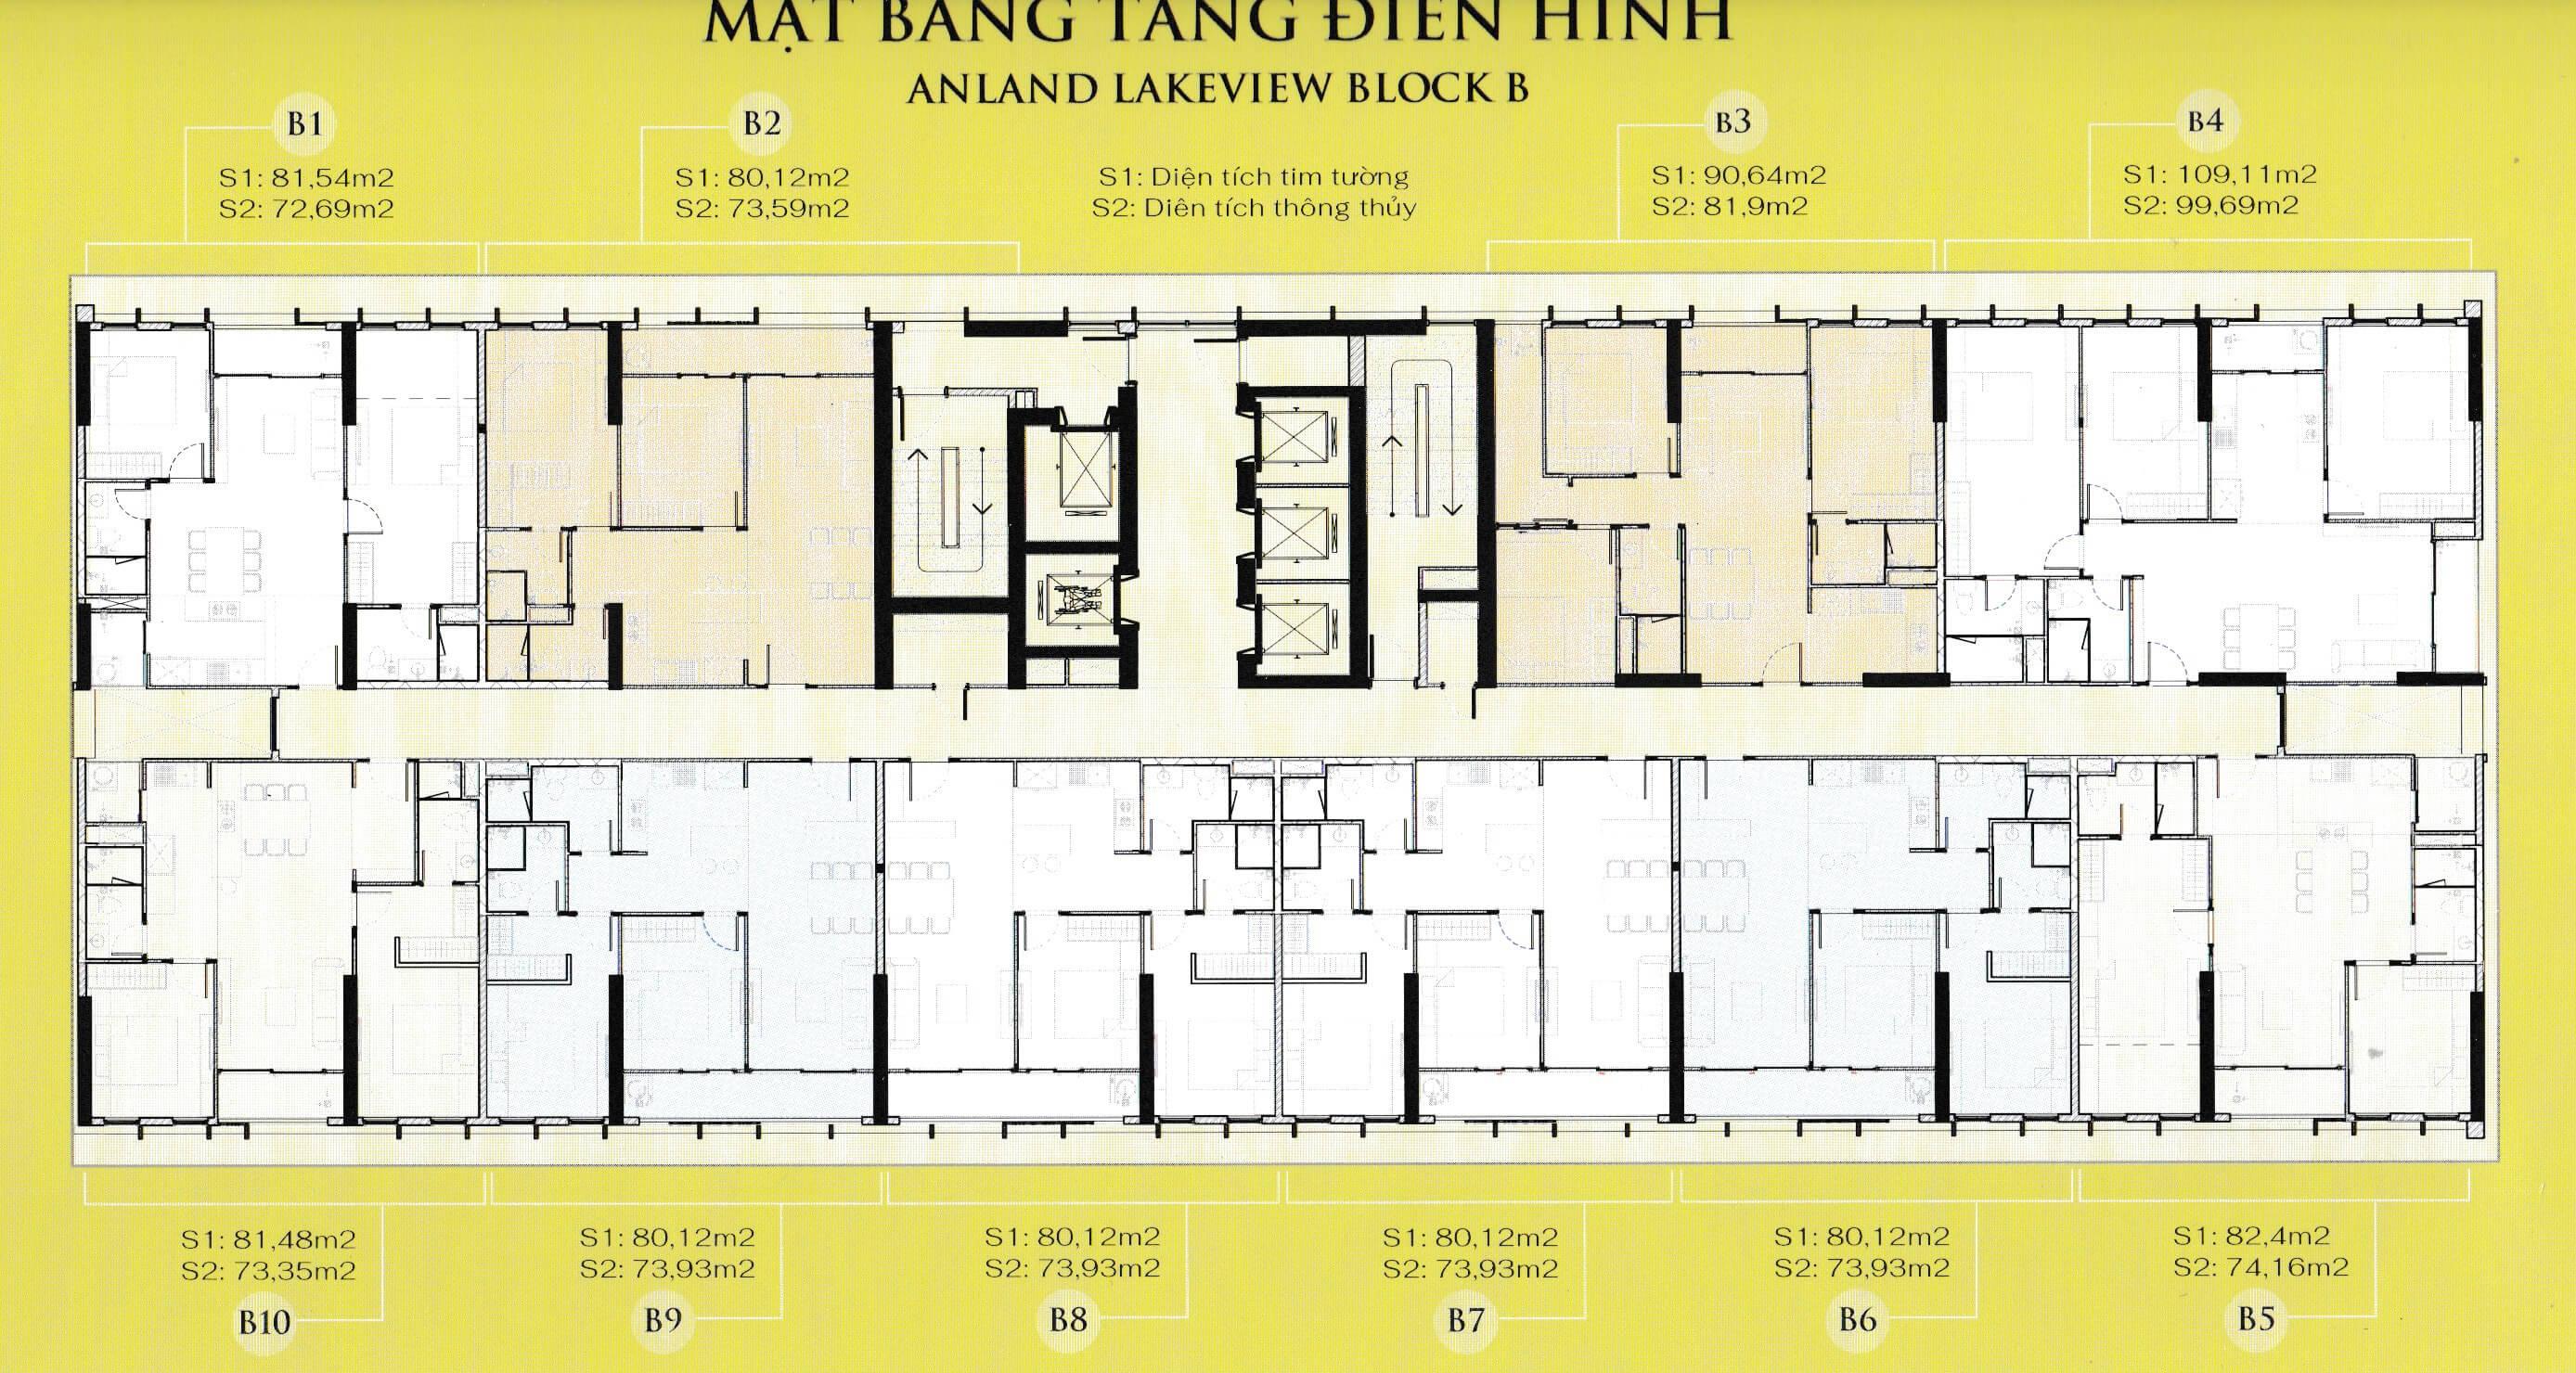 Mặt bằng điển hình Block B chung cư Anland Lake View Dương Nội